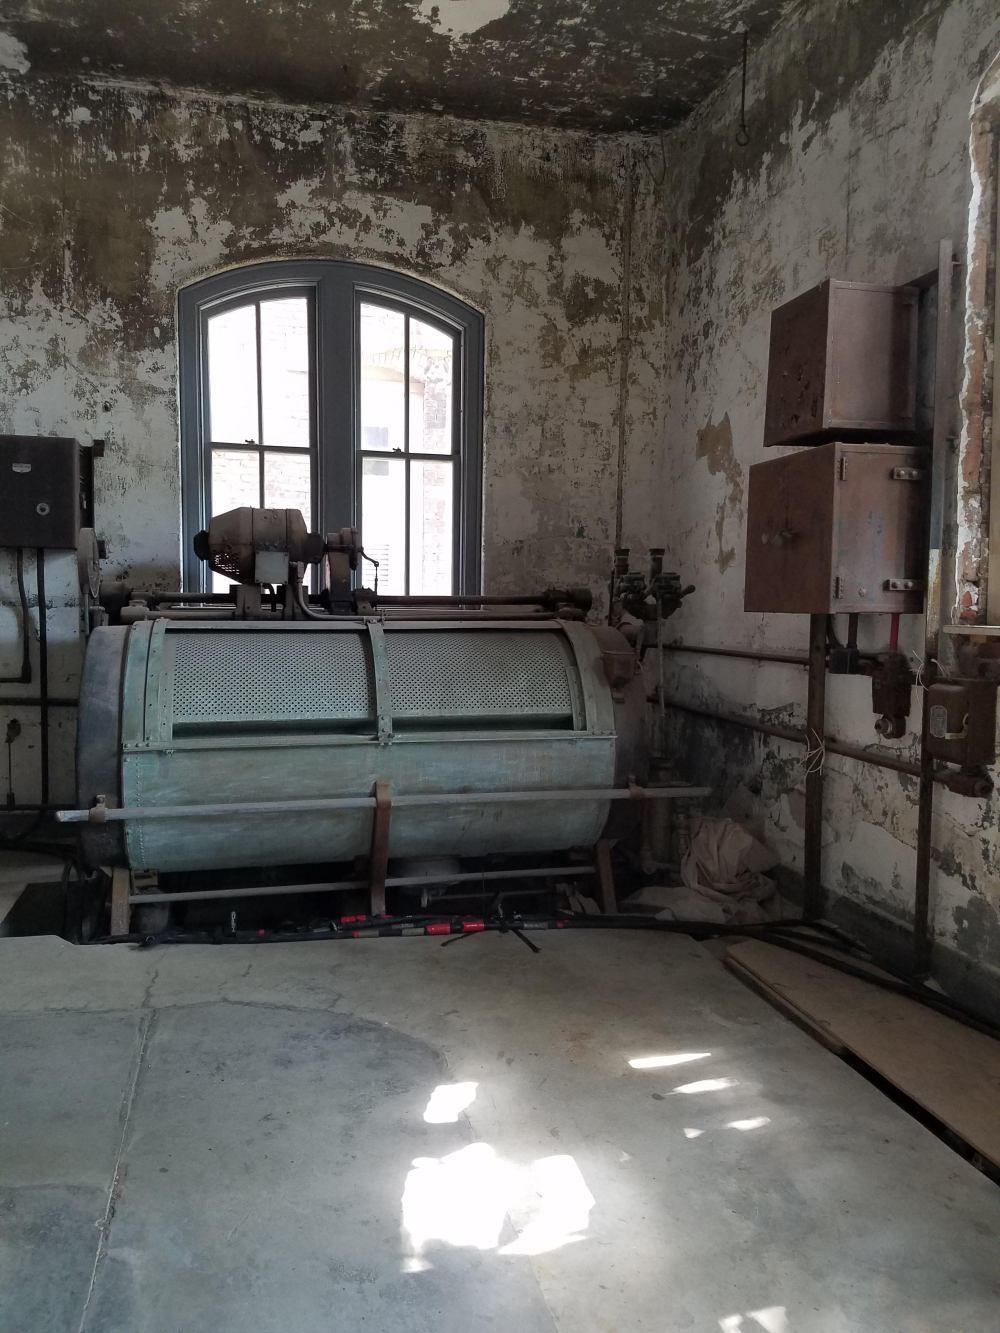 Ellis Island Laundry Room